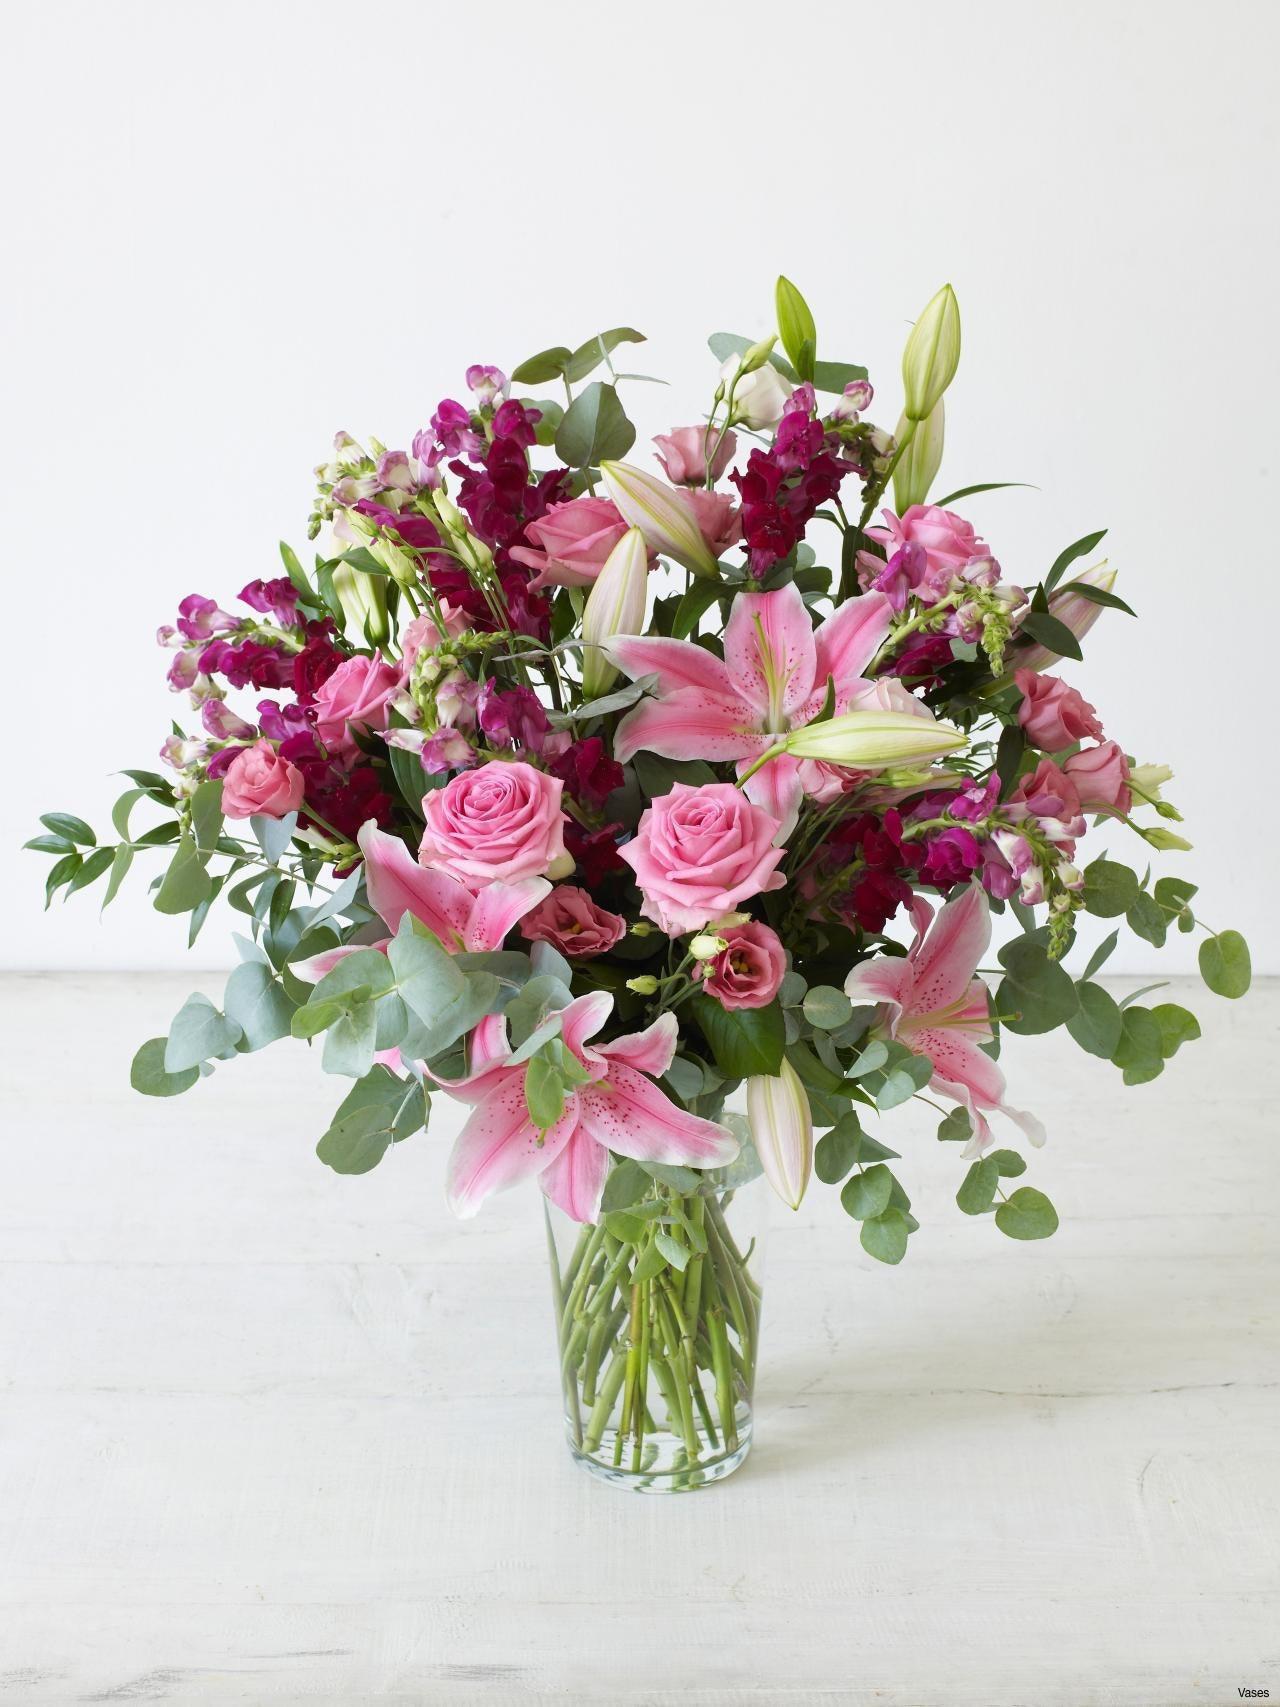 Flower Arrangements Elegant Floral Arrangements 0d Design Ideas Scheme orchid Floral Arrangements 40 New